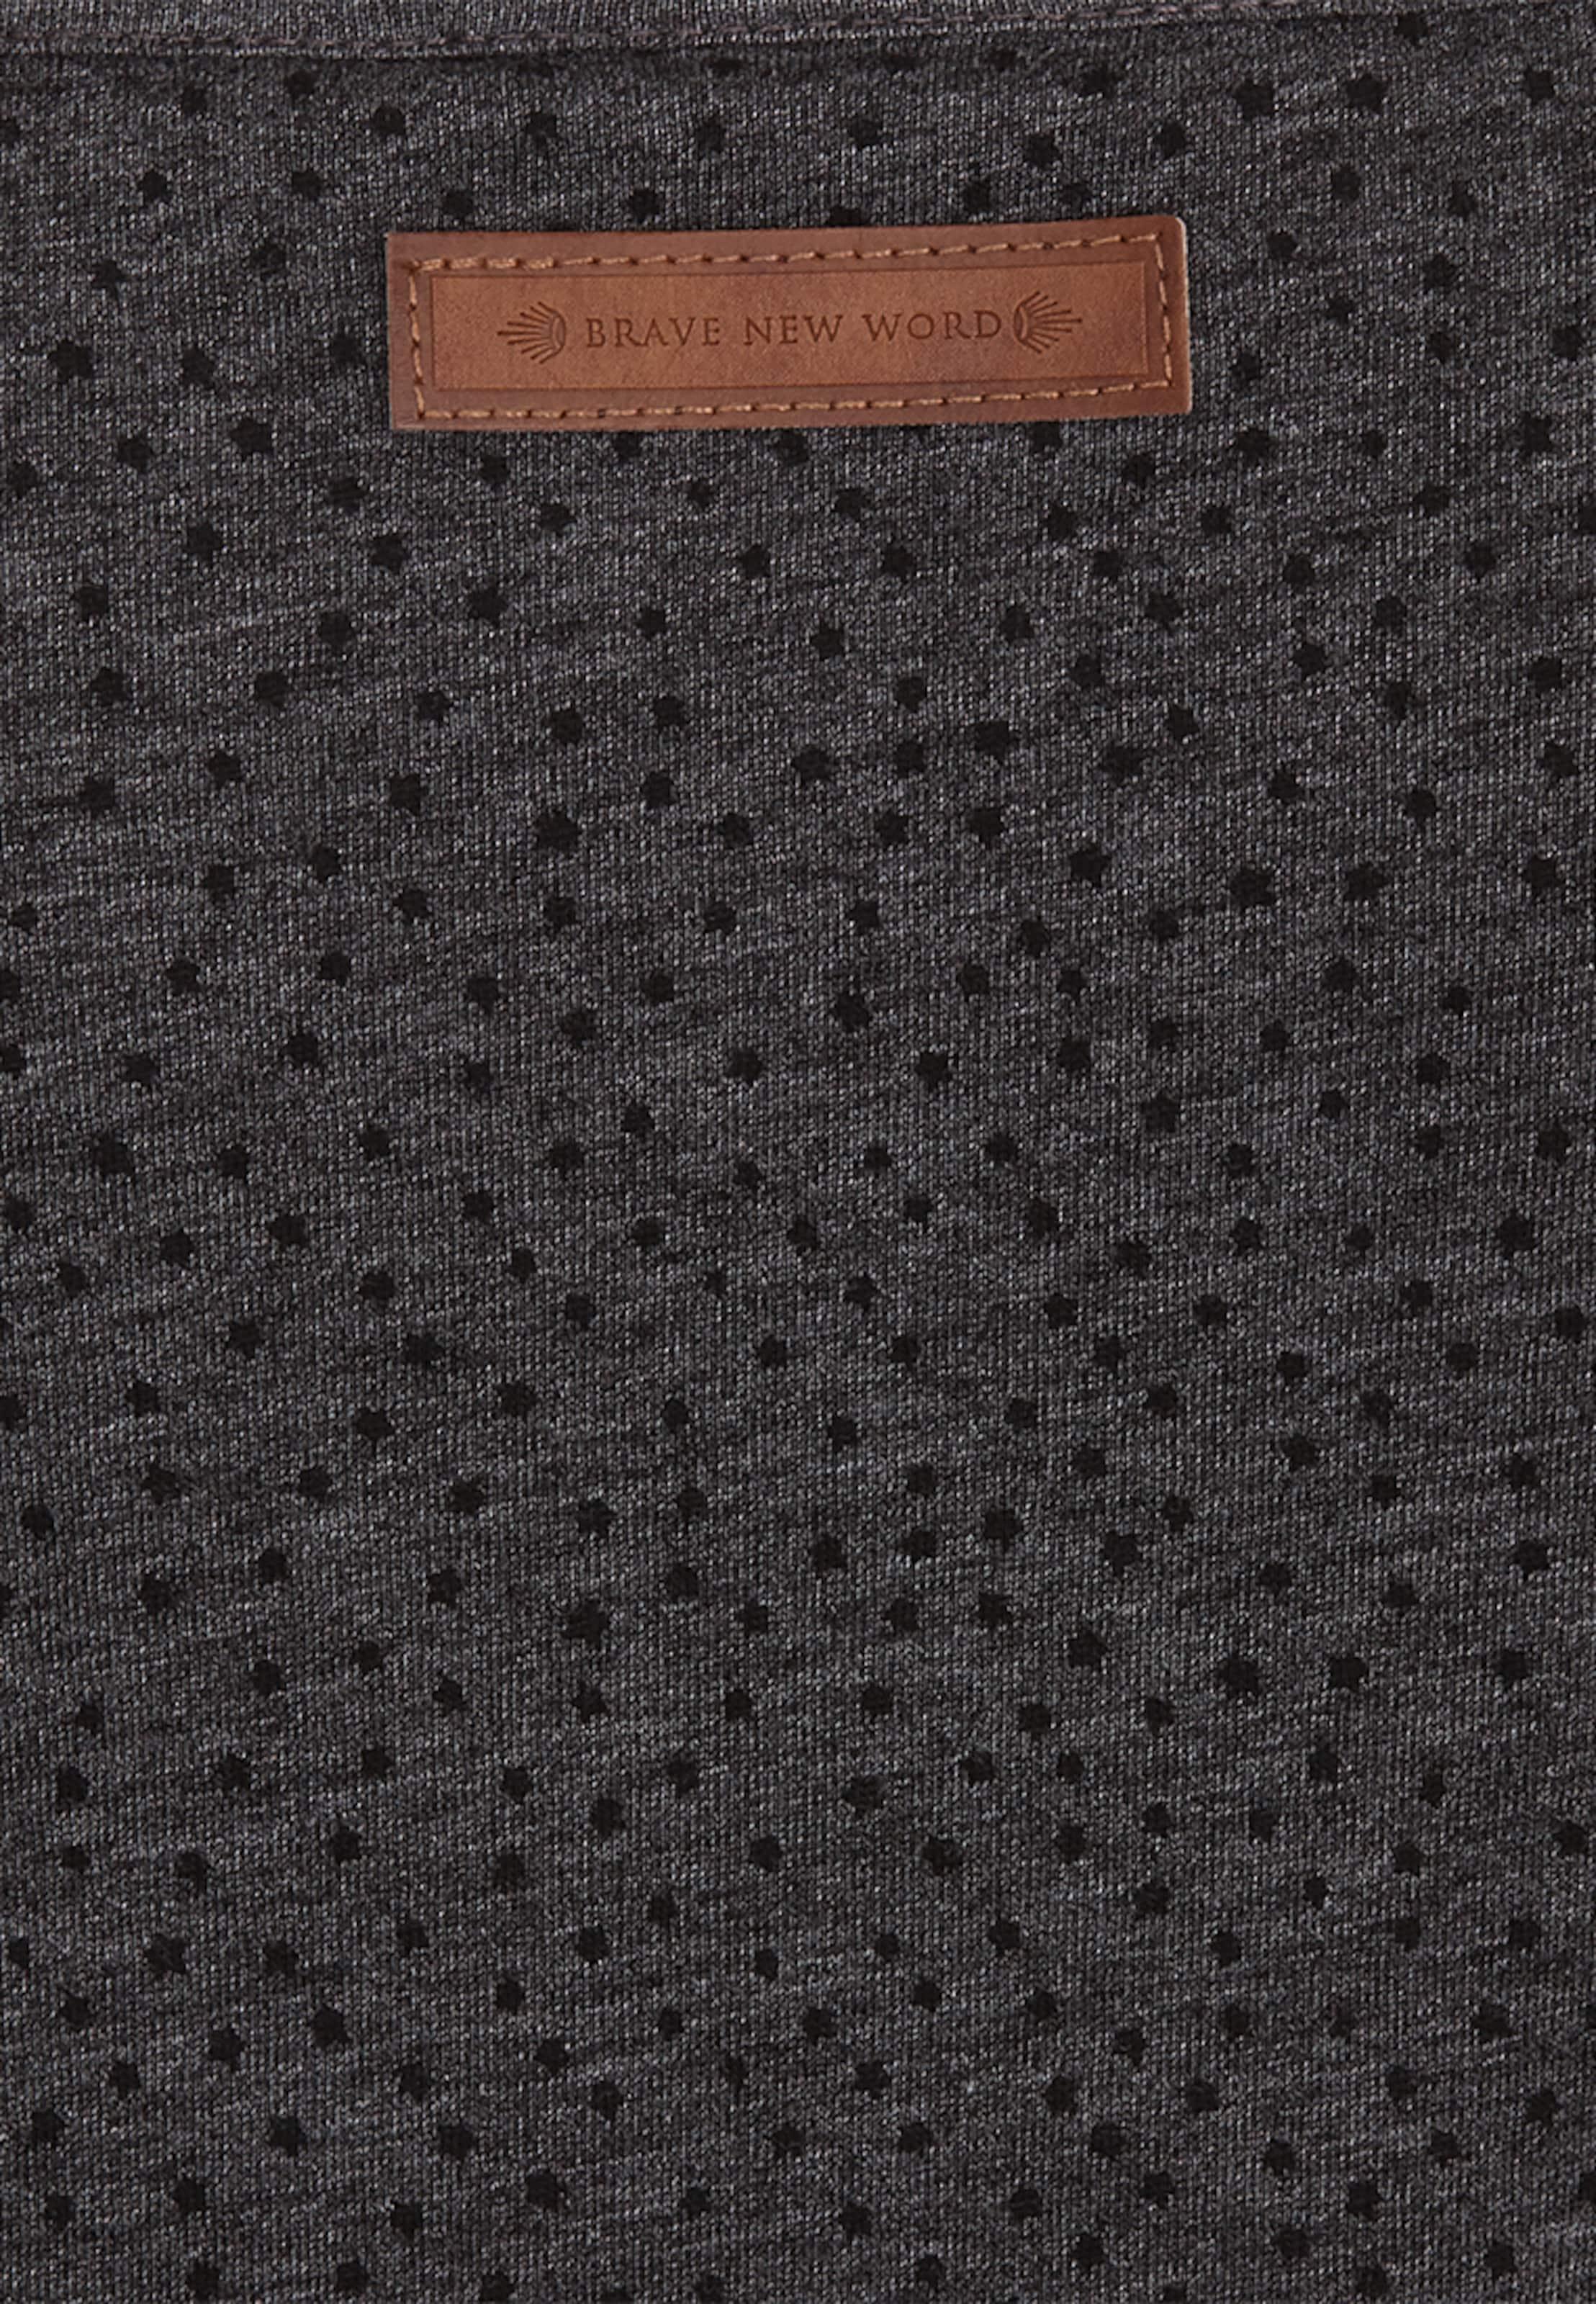 Billig Zu Verkaufen naketano T-Shirt 'Rooftop' Mit Visum Günstig Online Bezahlen Original Spielraum Preiswerte Reale Eastbay A6bcefie